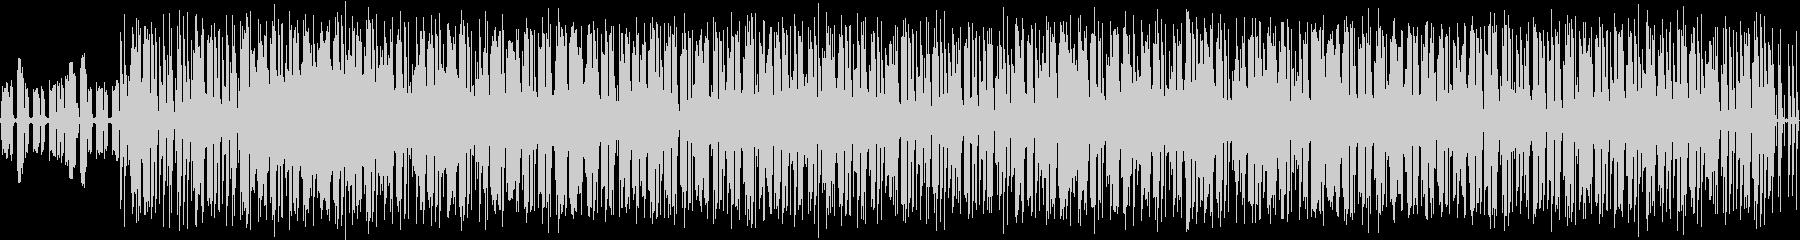 オールドスクールっぽいBGM#01の未再生の波形